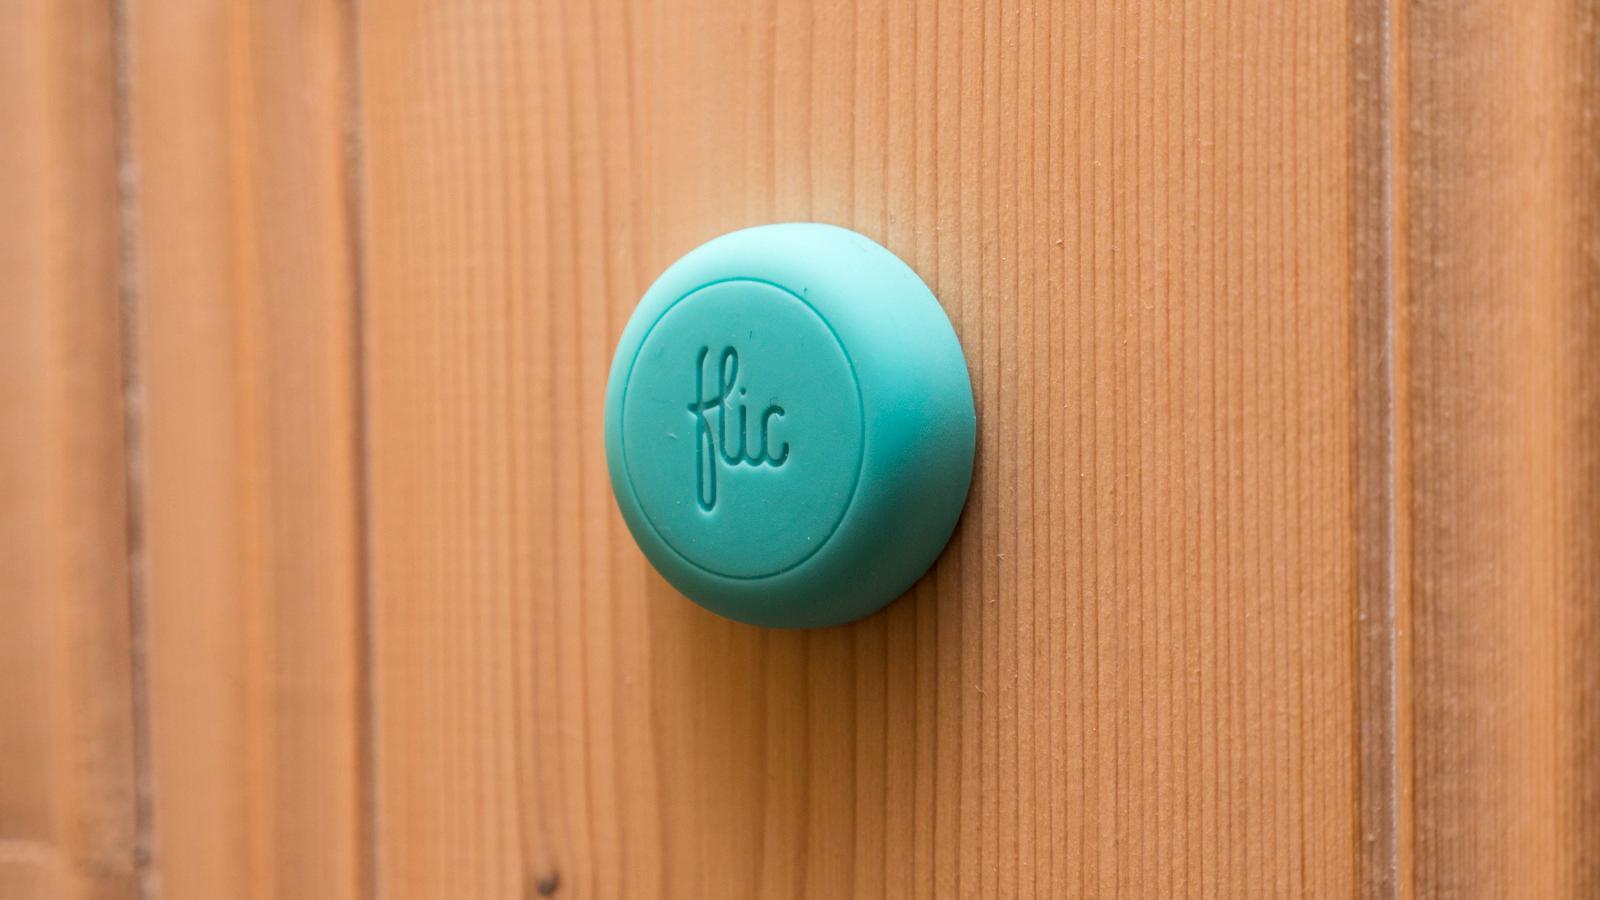 Limfilmen bak knappen gjør at vi enkelt kan henge Flic opp omtrent hvor som helst, og flytte den etter behov.